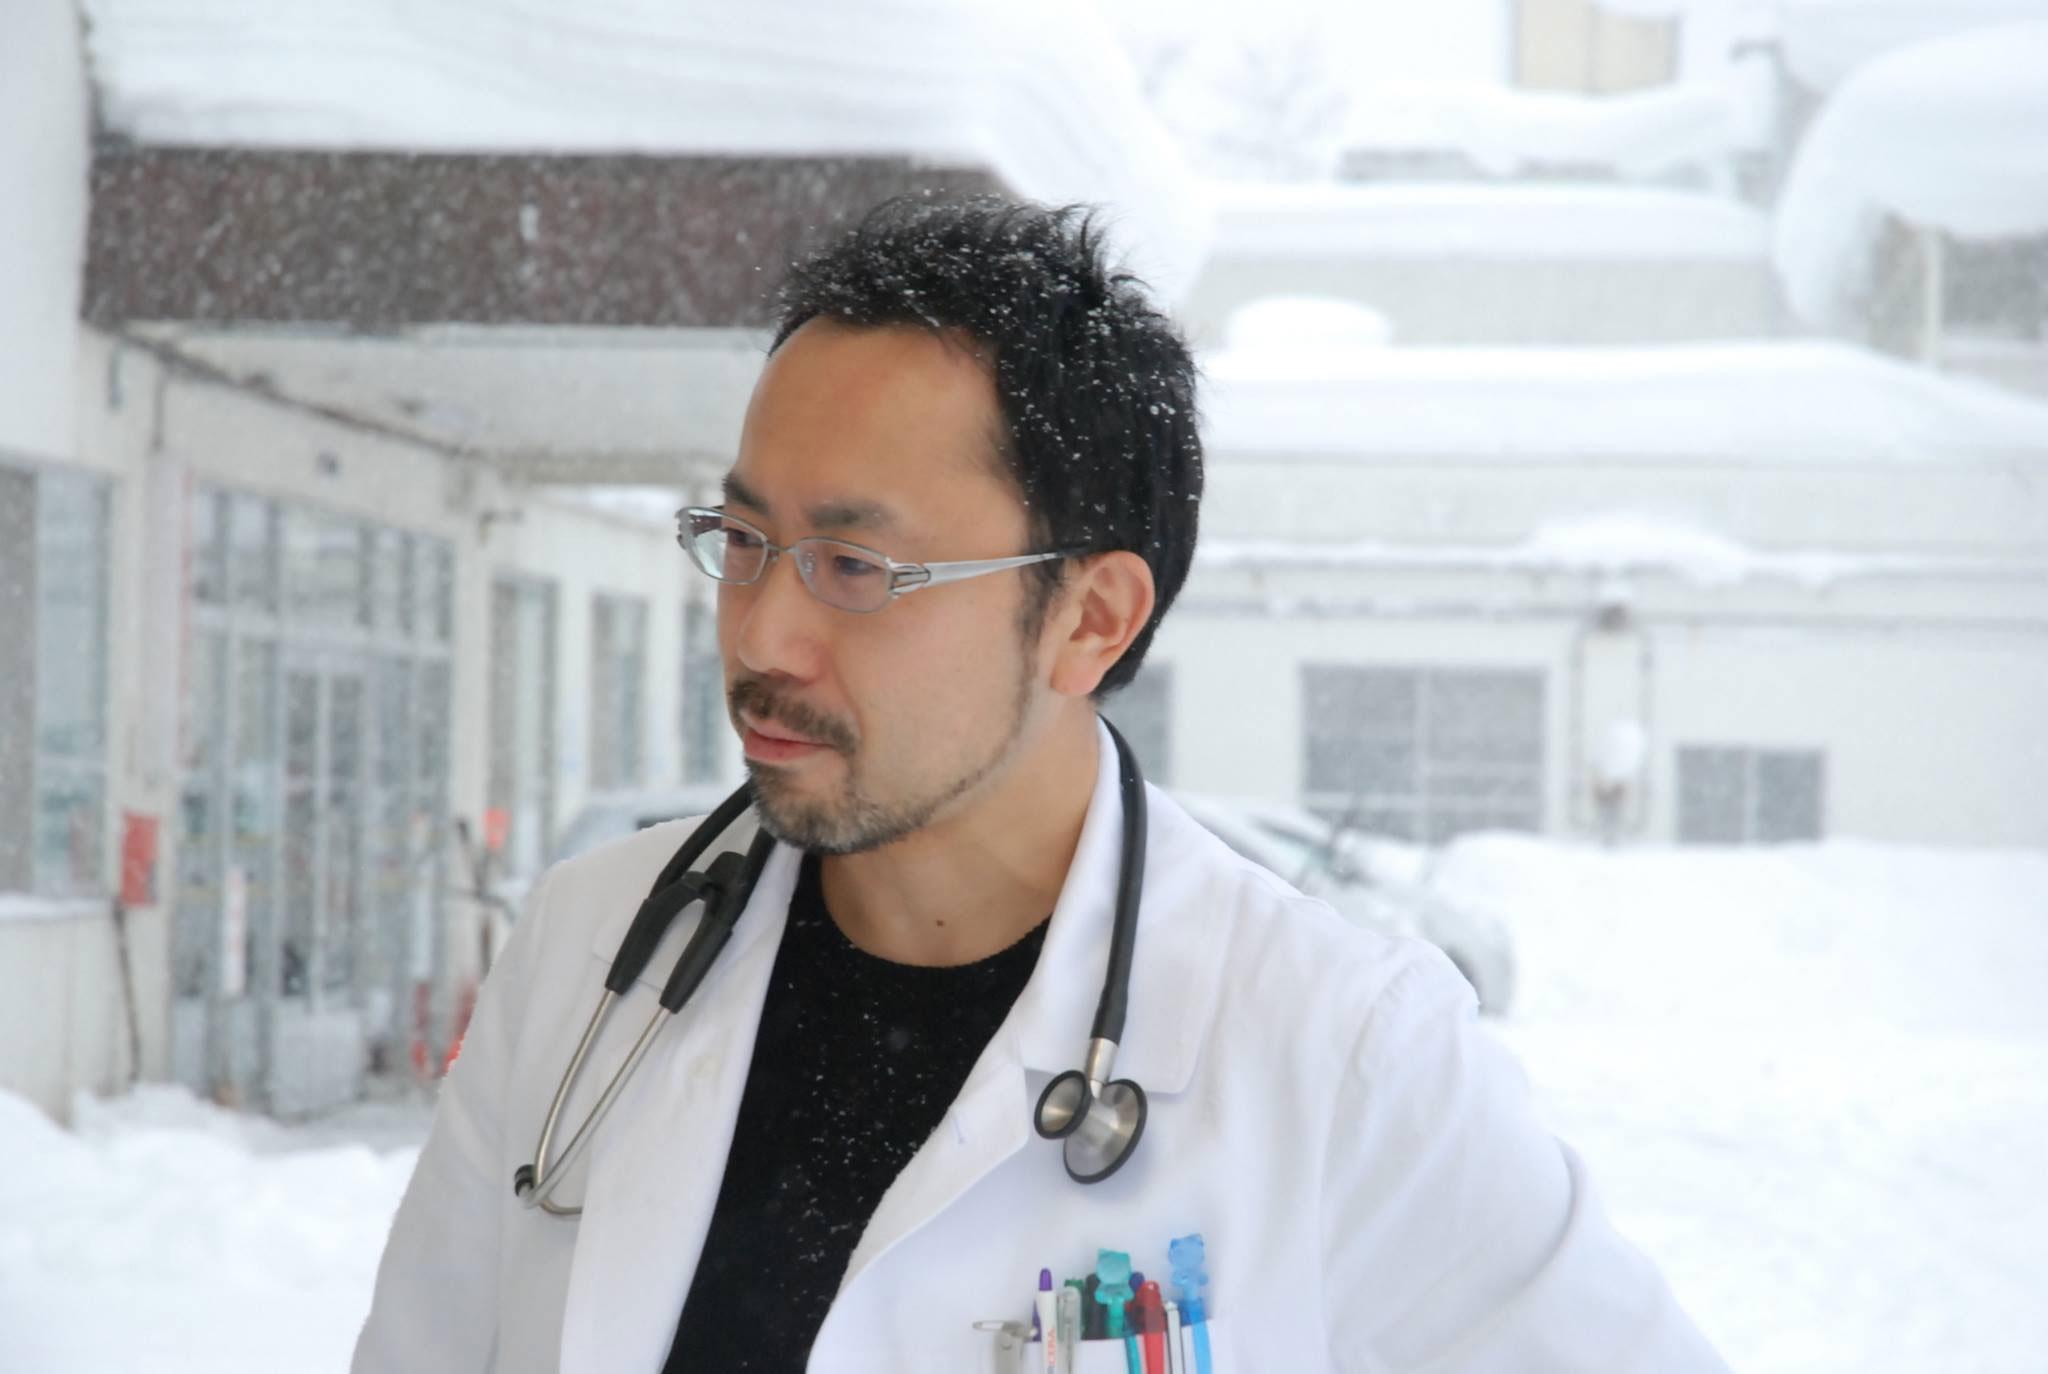 森田医師が打ちのめされた!加藤 忠相氏との出会いから生まれた本「あおいけあ流 介護の世界」とは